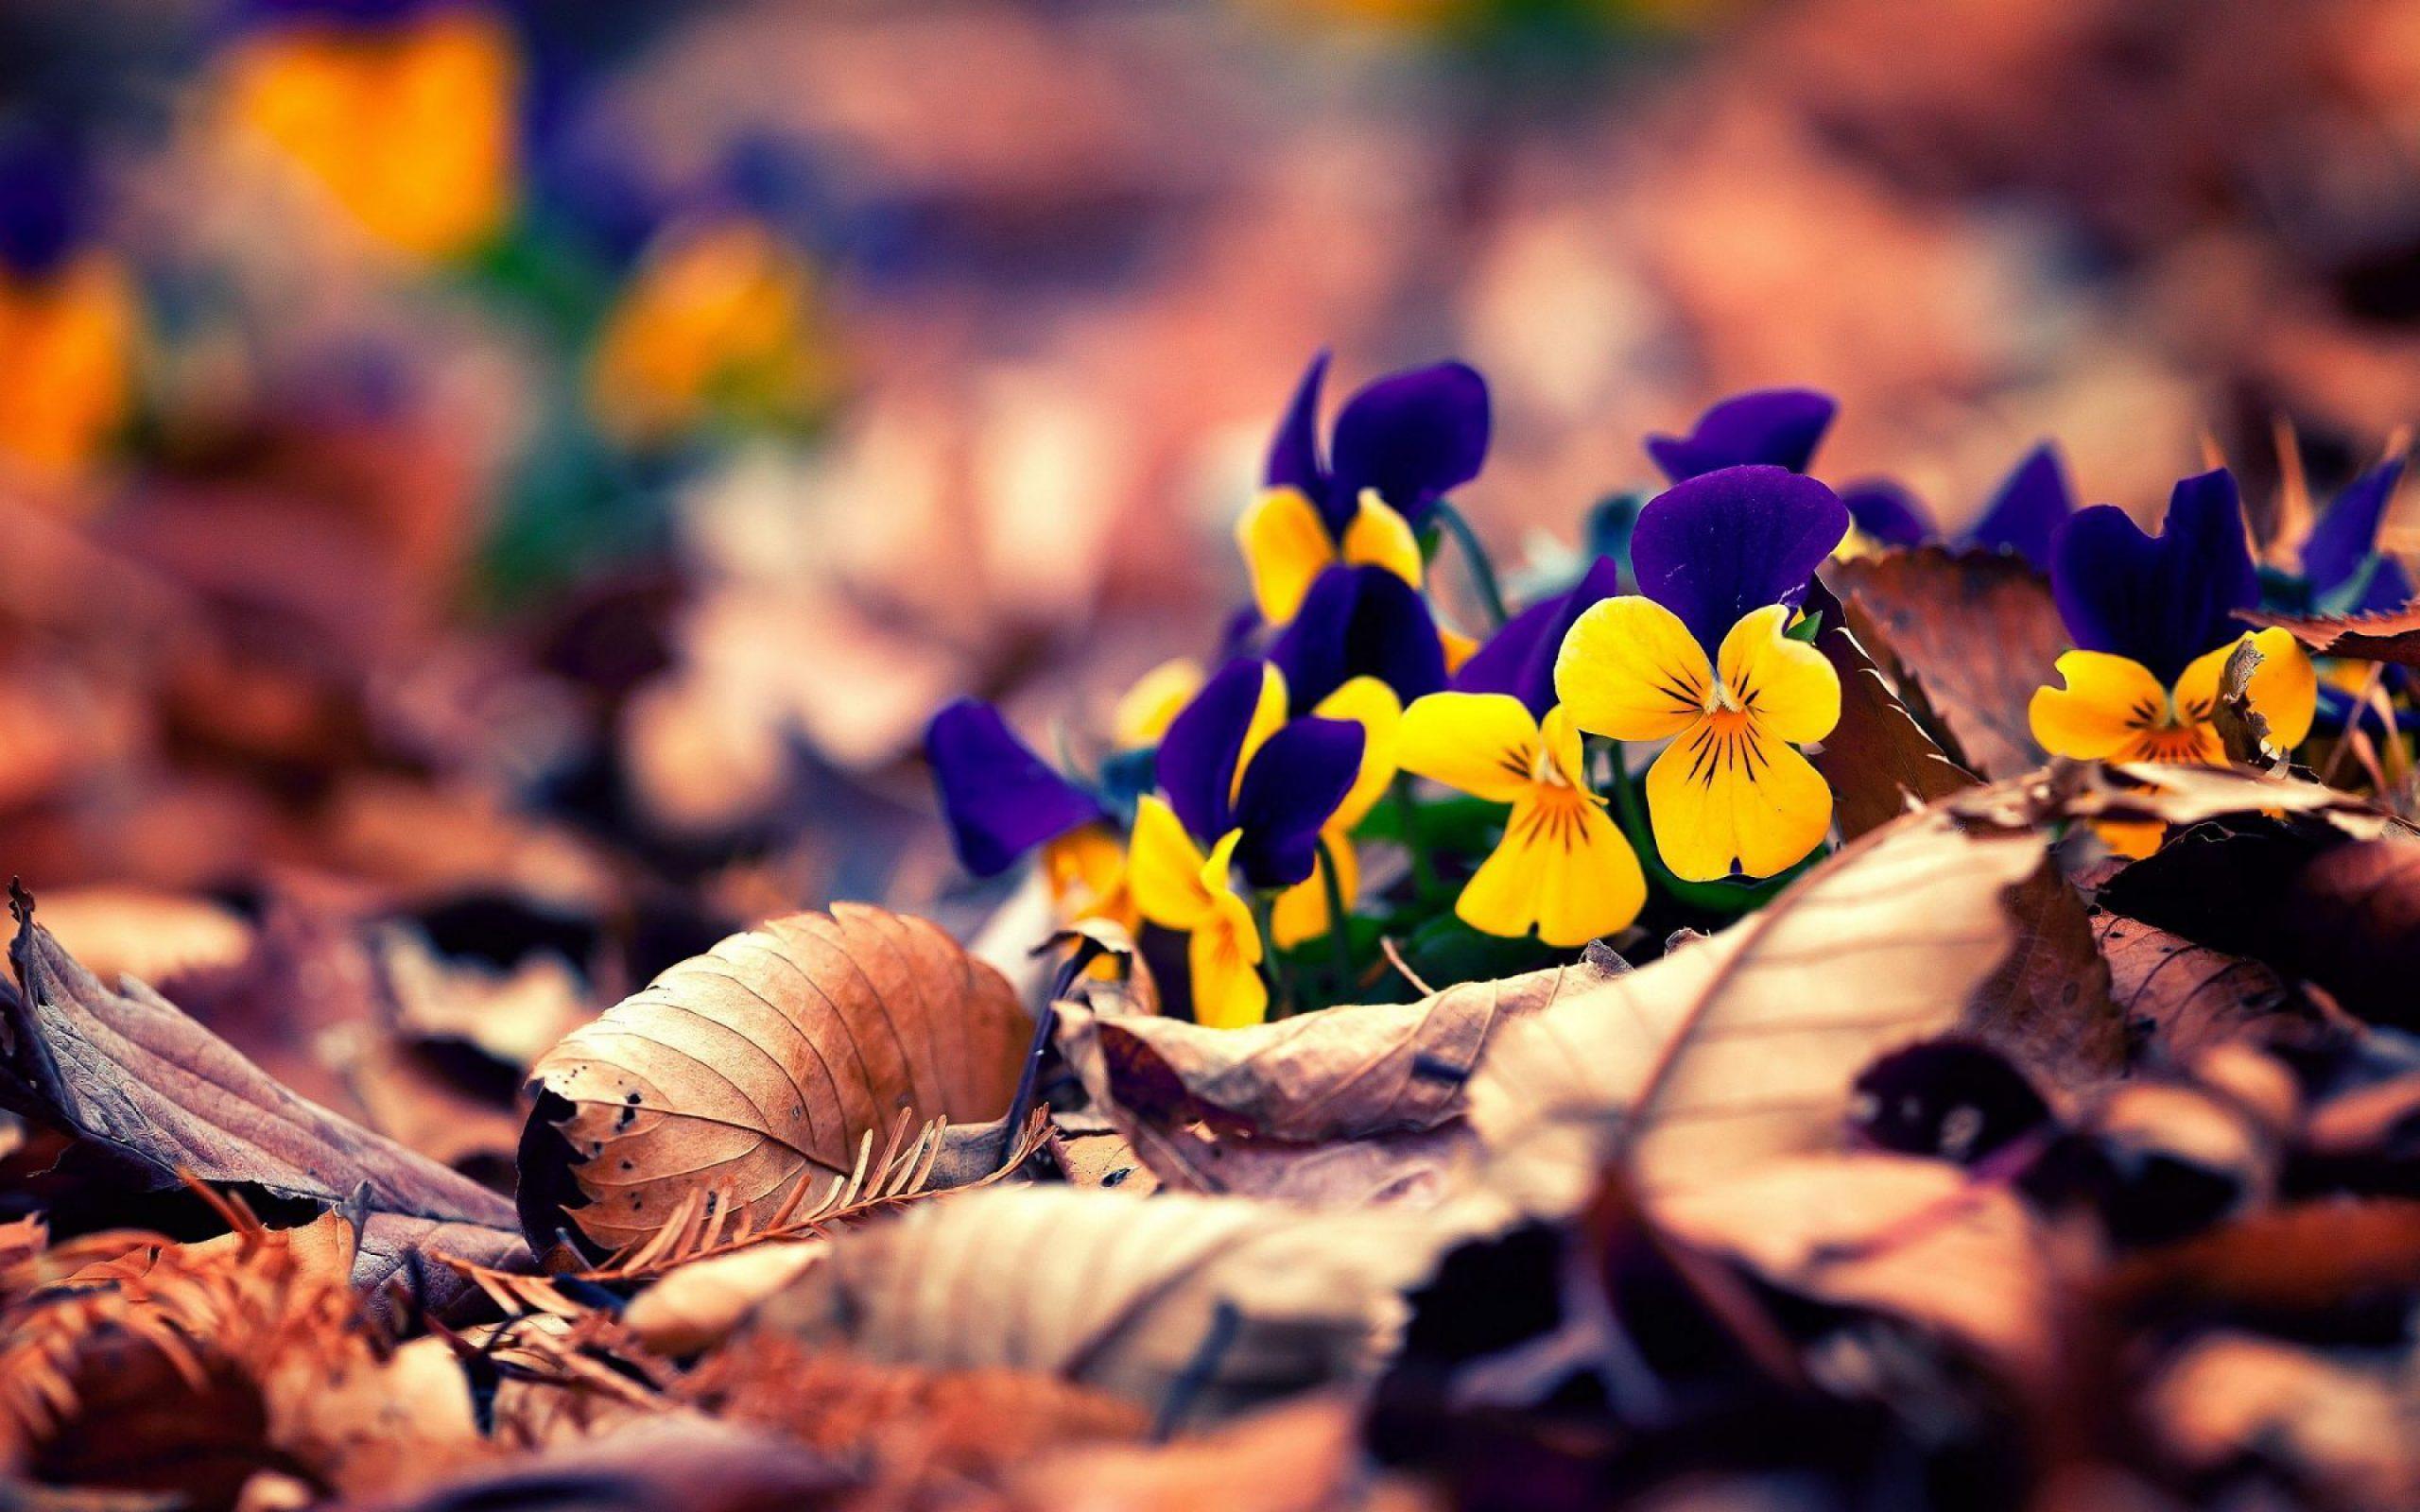 20 цитат про осень, которые хороши в любую погоду